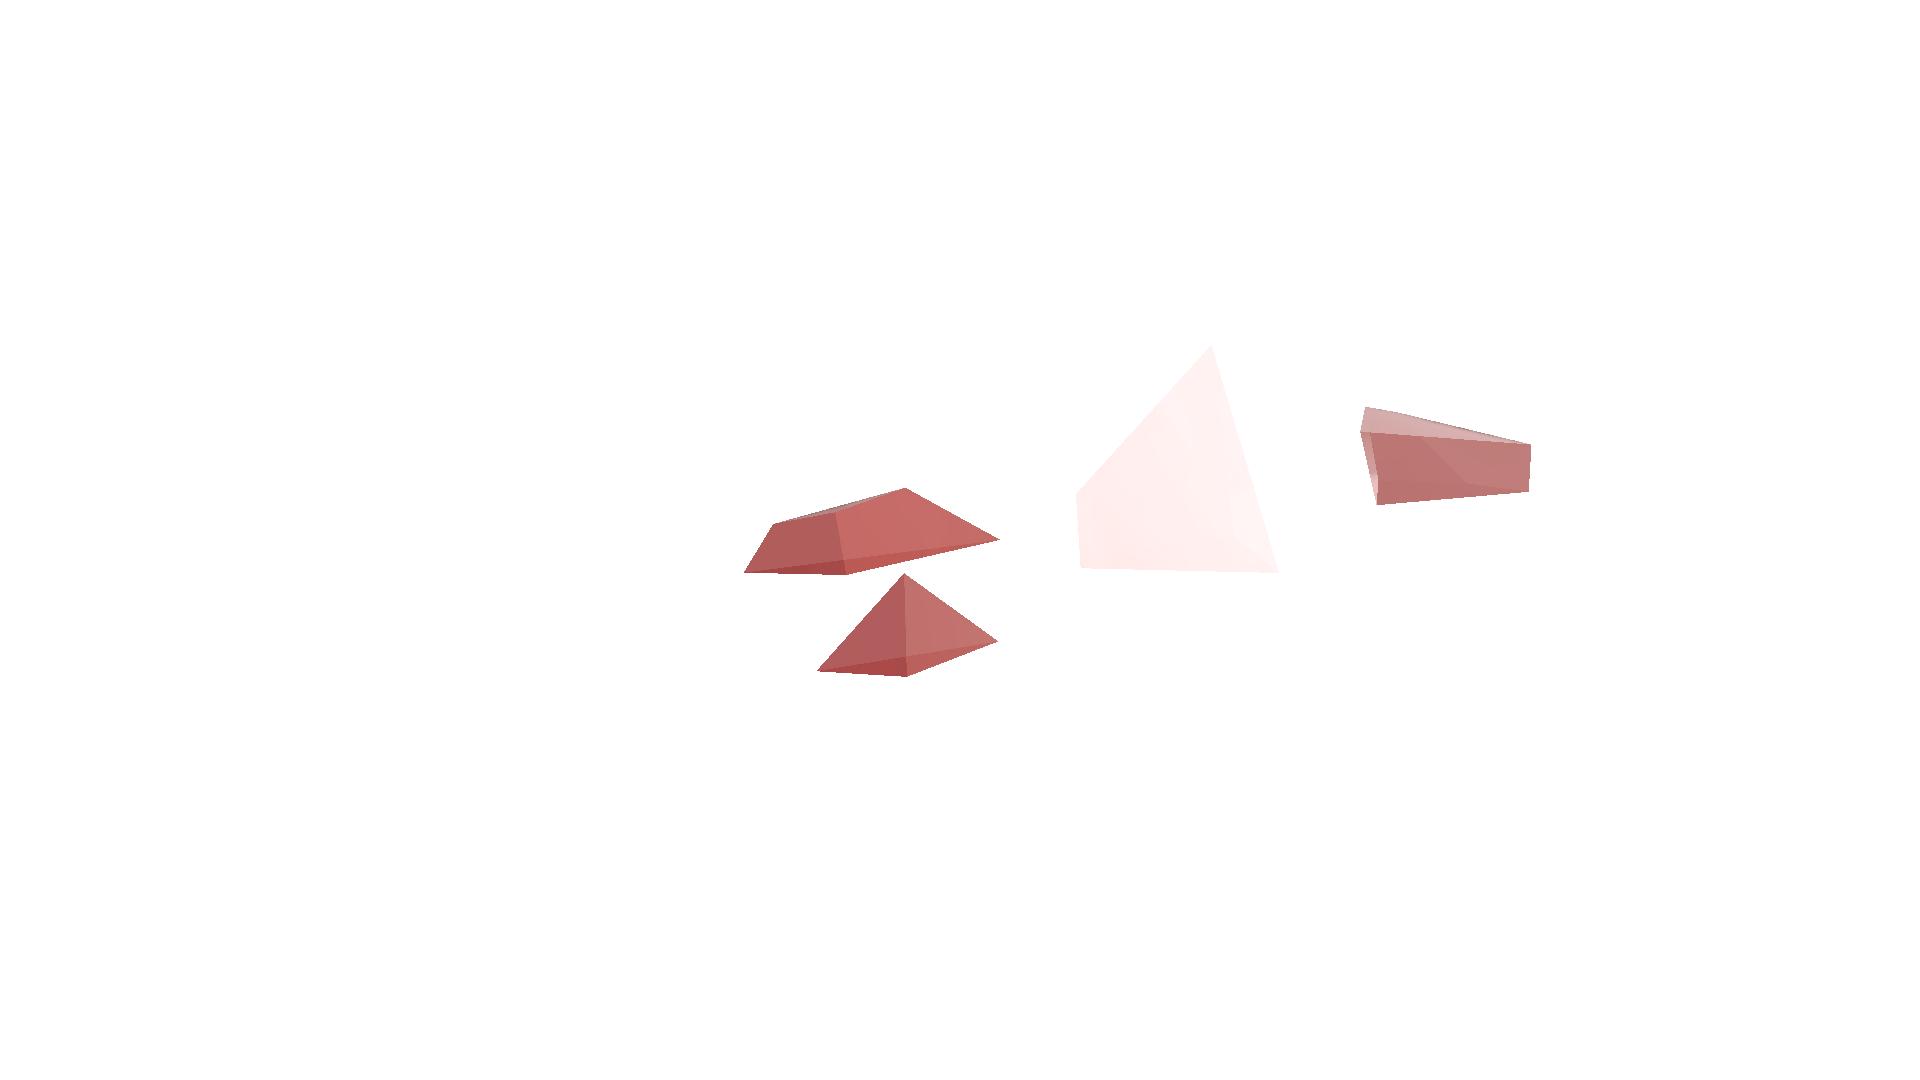 render_test2.png